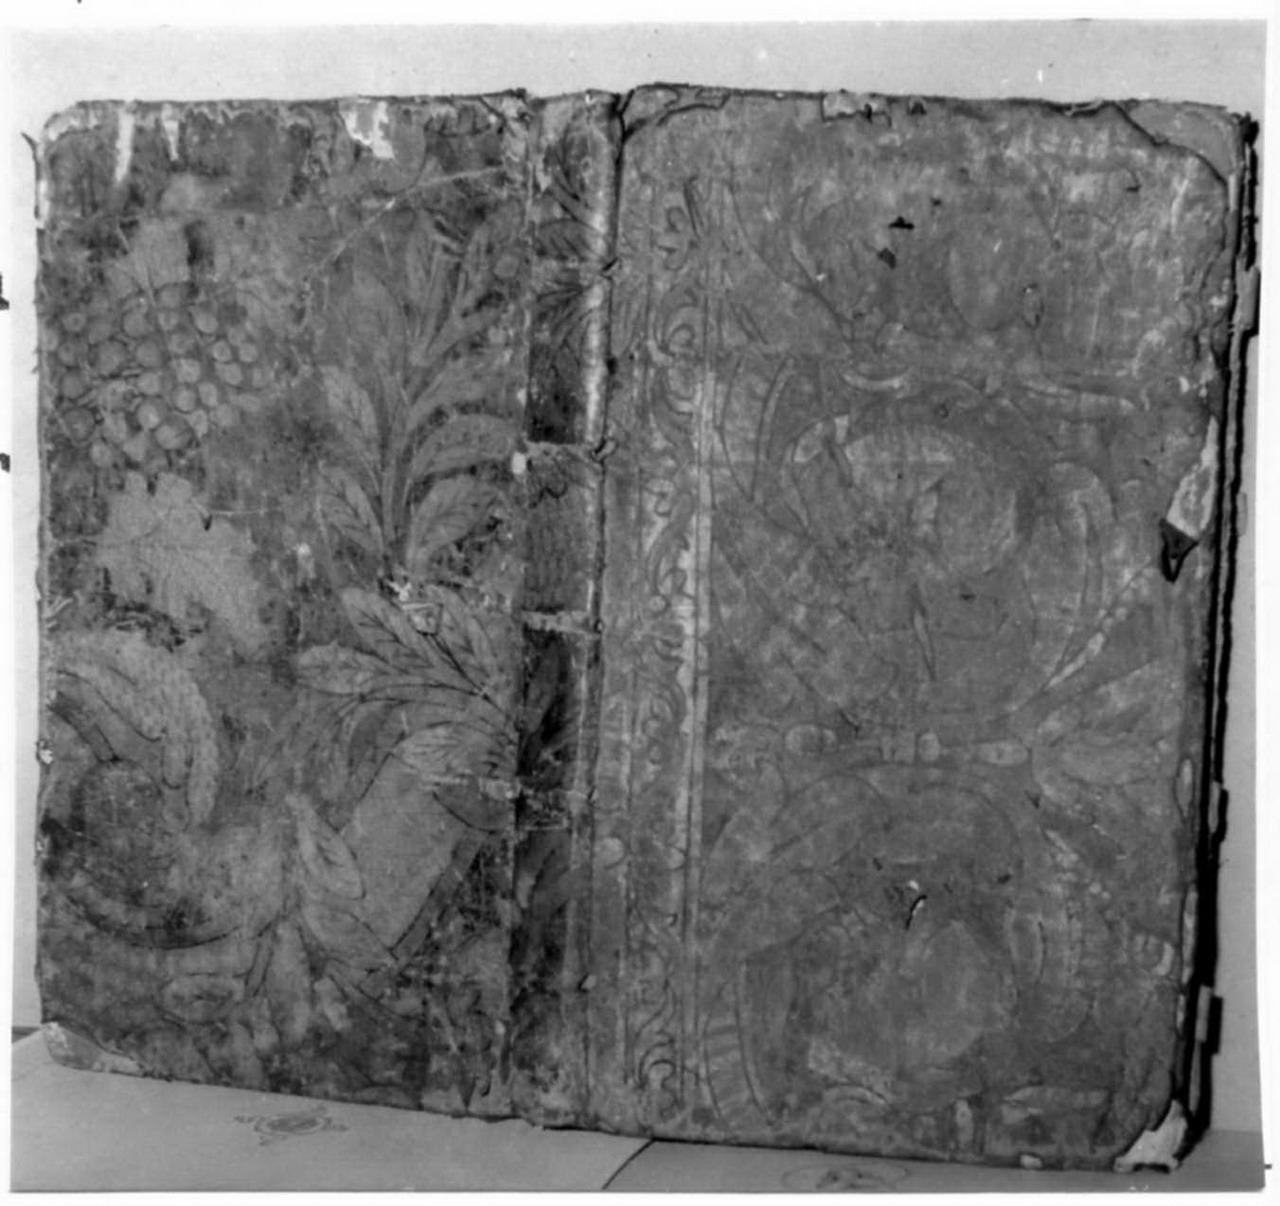 motivi decorativi vegetali (coperta di libro liturgico) - bottega spagnola (prima metà sec. XVI)